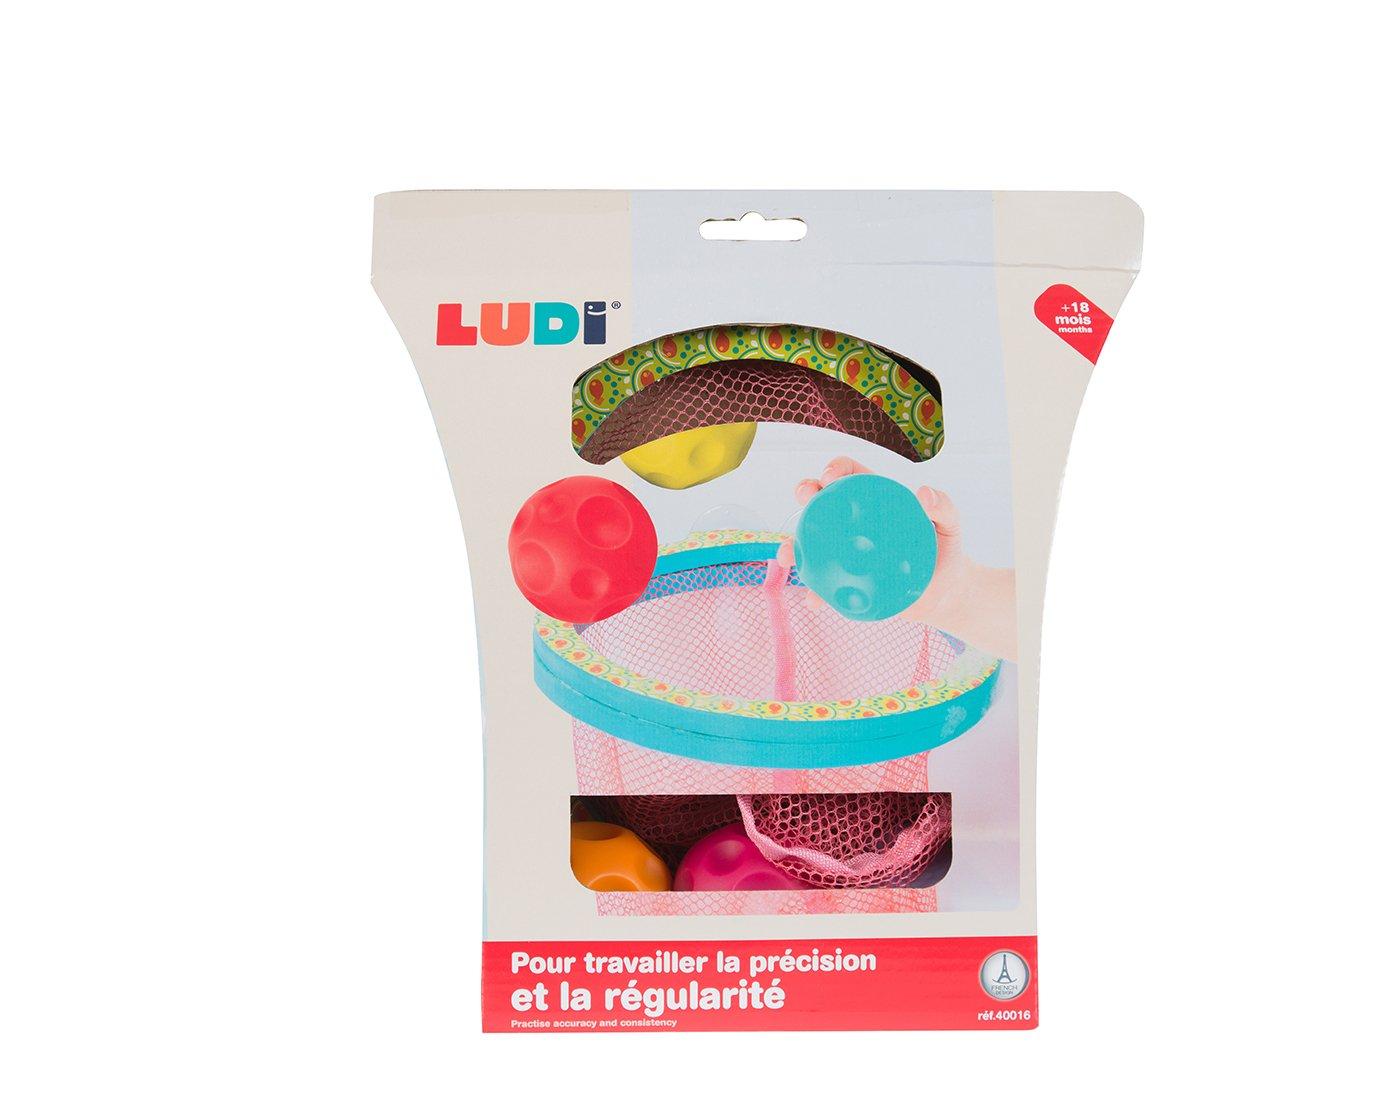 Panier dadresse pour jouer au basket /à lheure du bain 3 balles en plastique incluses D/éveloppe la dext/érit/é D/ès 18 mois Fixation ventouse 40016 Permet le rangement des jouets de bain LUDI